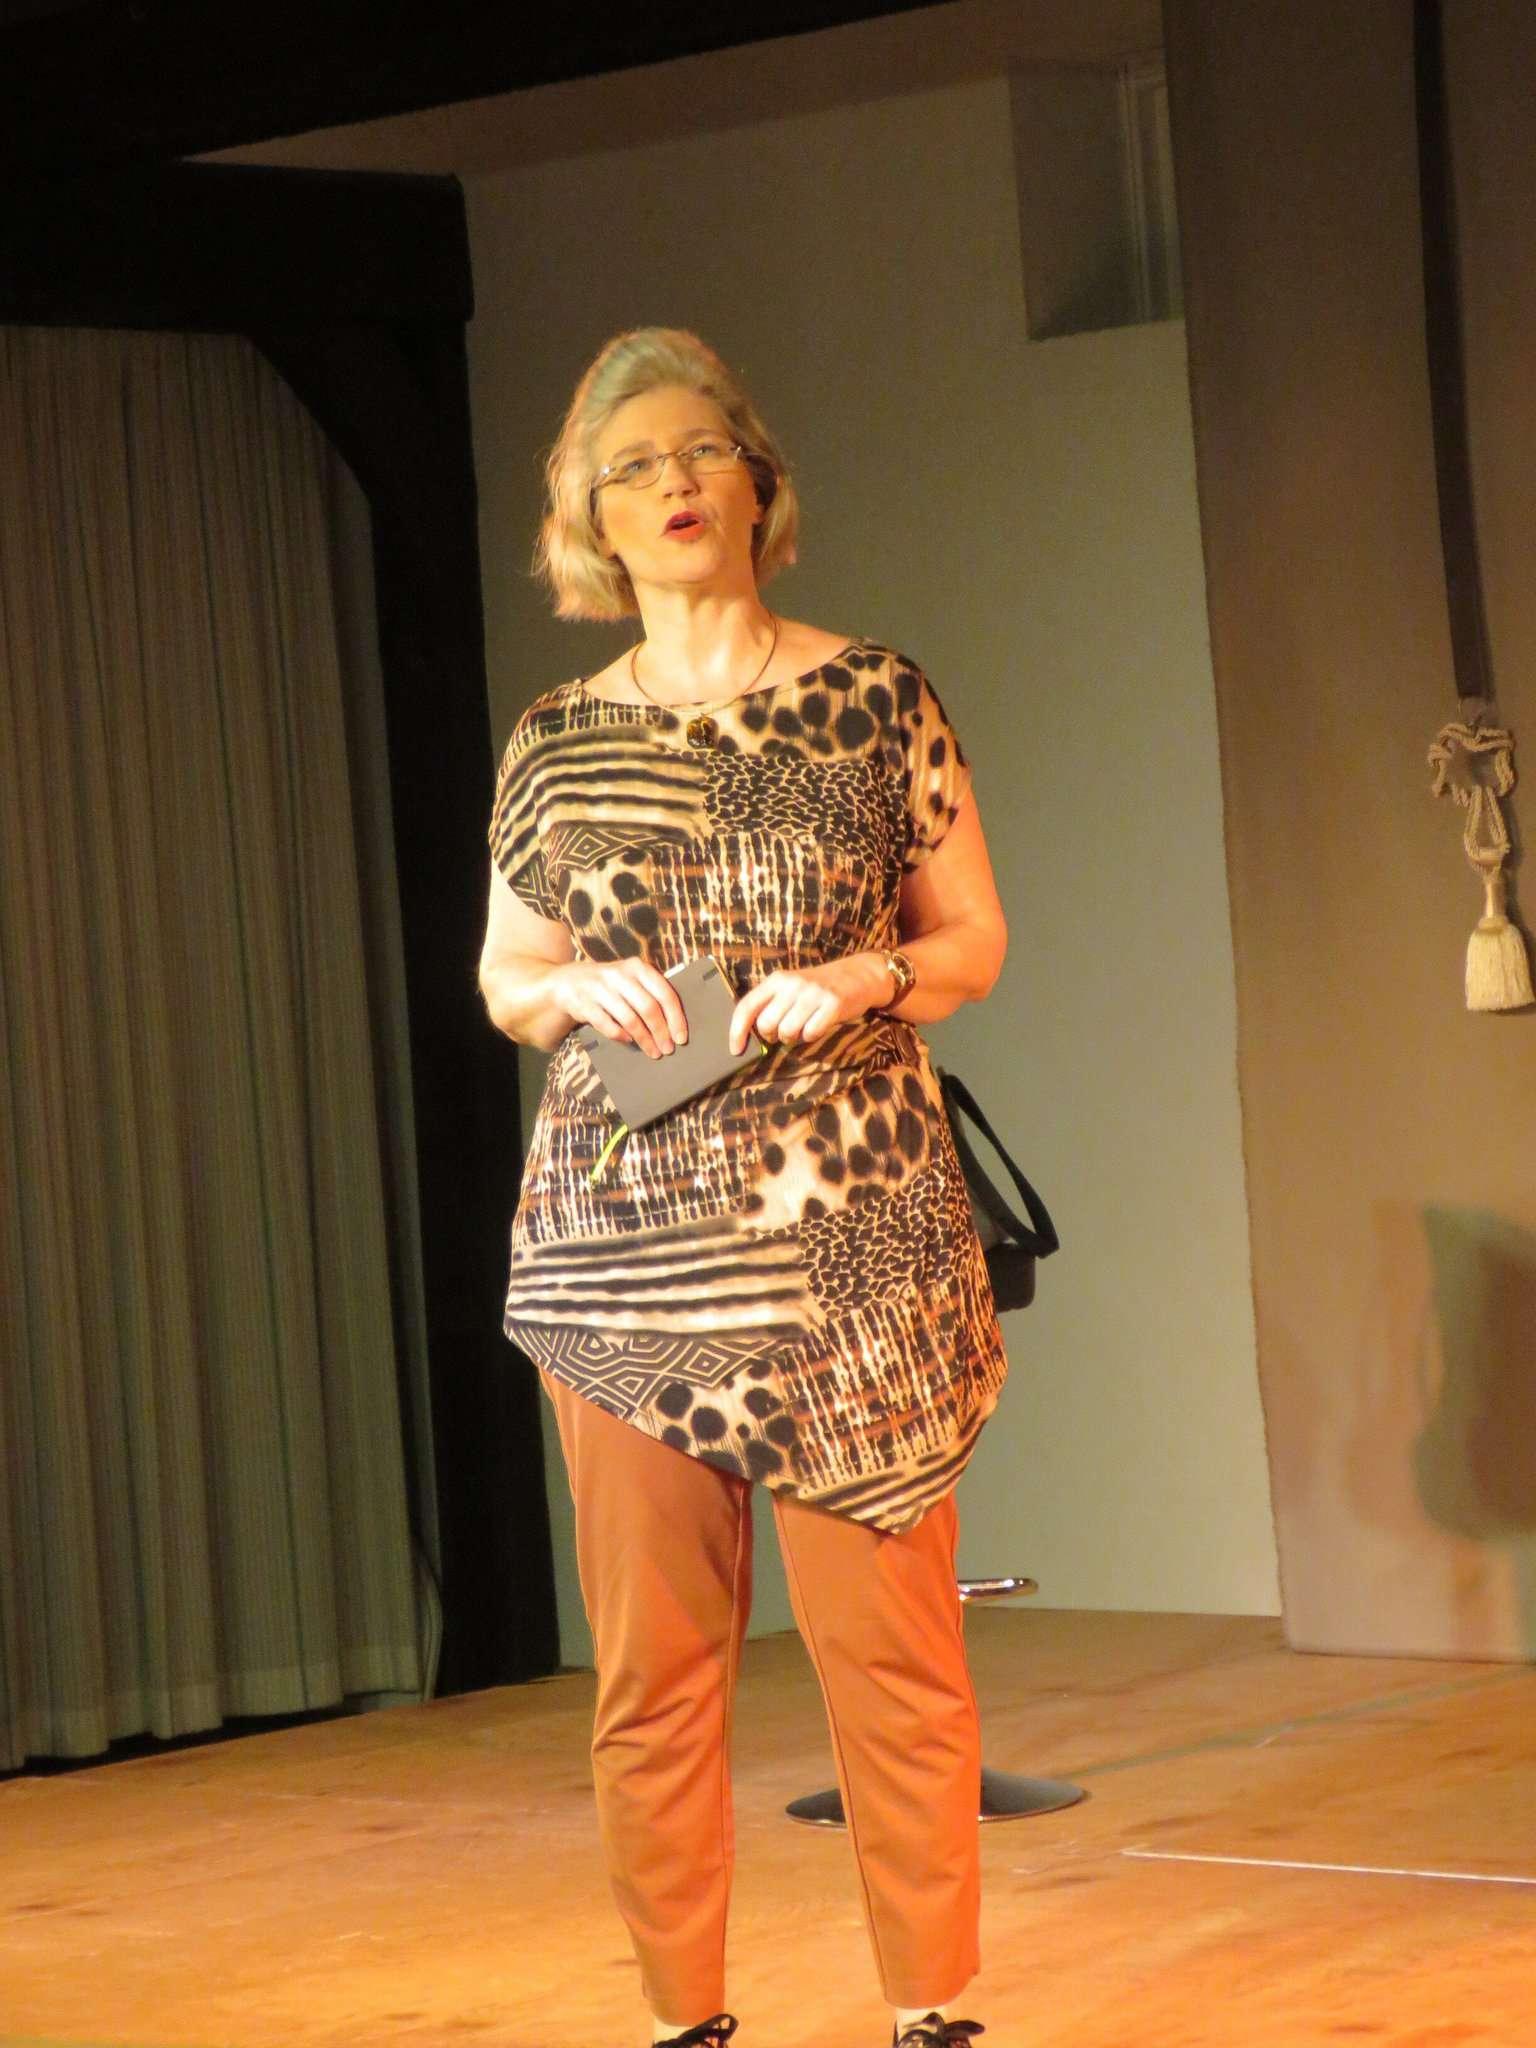 Wenn Inske Albers-Willberger auf der Bühne steht und in plattdeutsch parliert, ist vom akustischen Verständnis höchste Aufmerksamkeit angesagt.  Foto: Elke Keppler-Rosenau